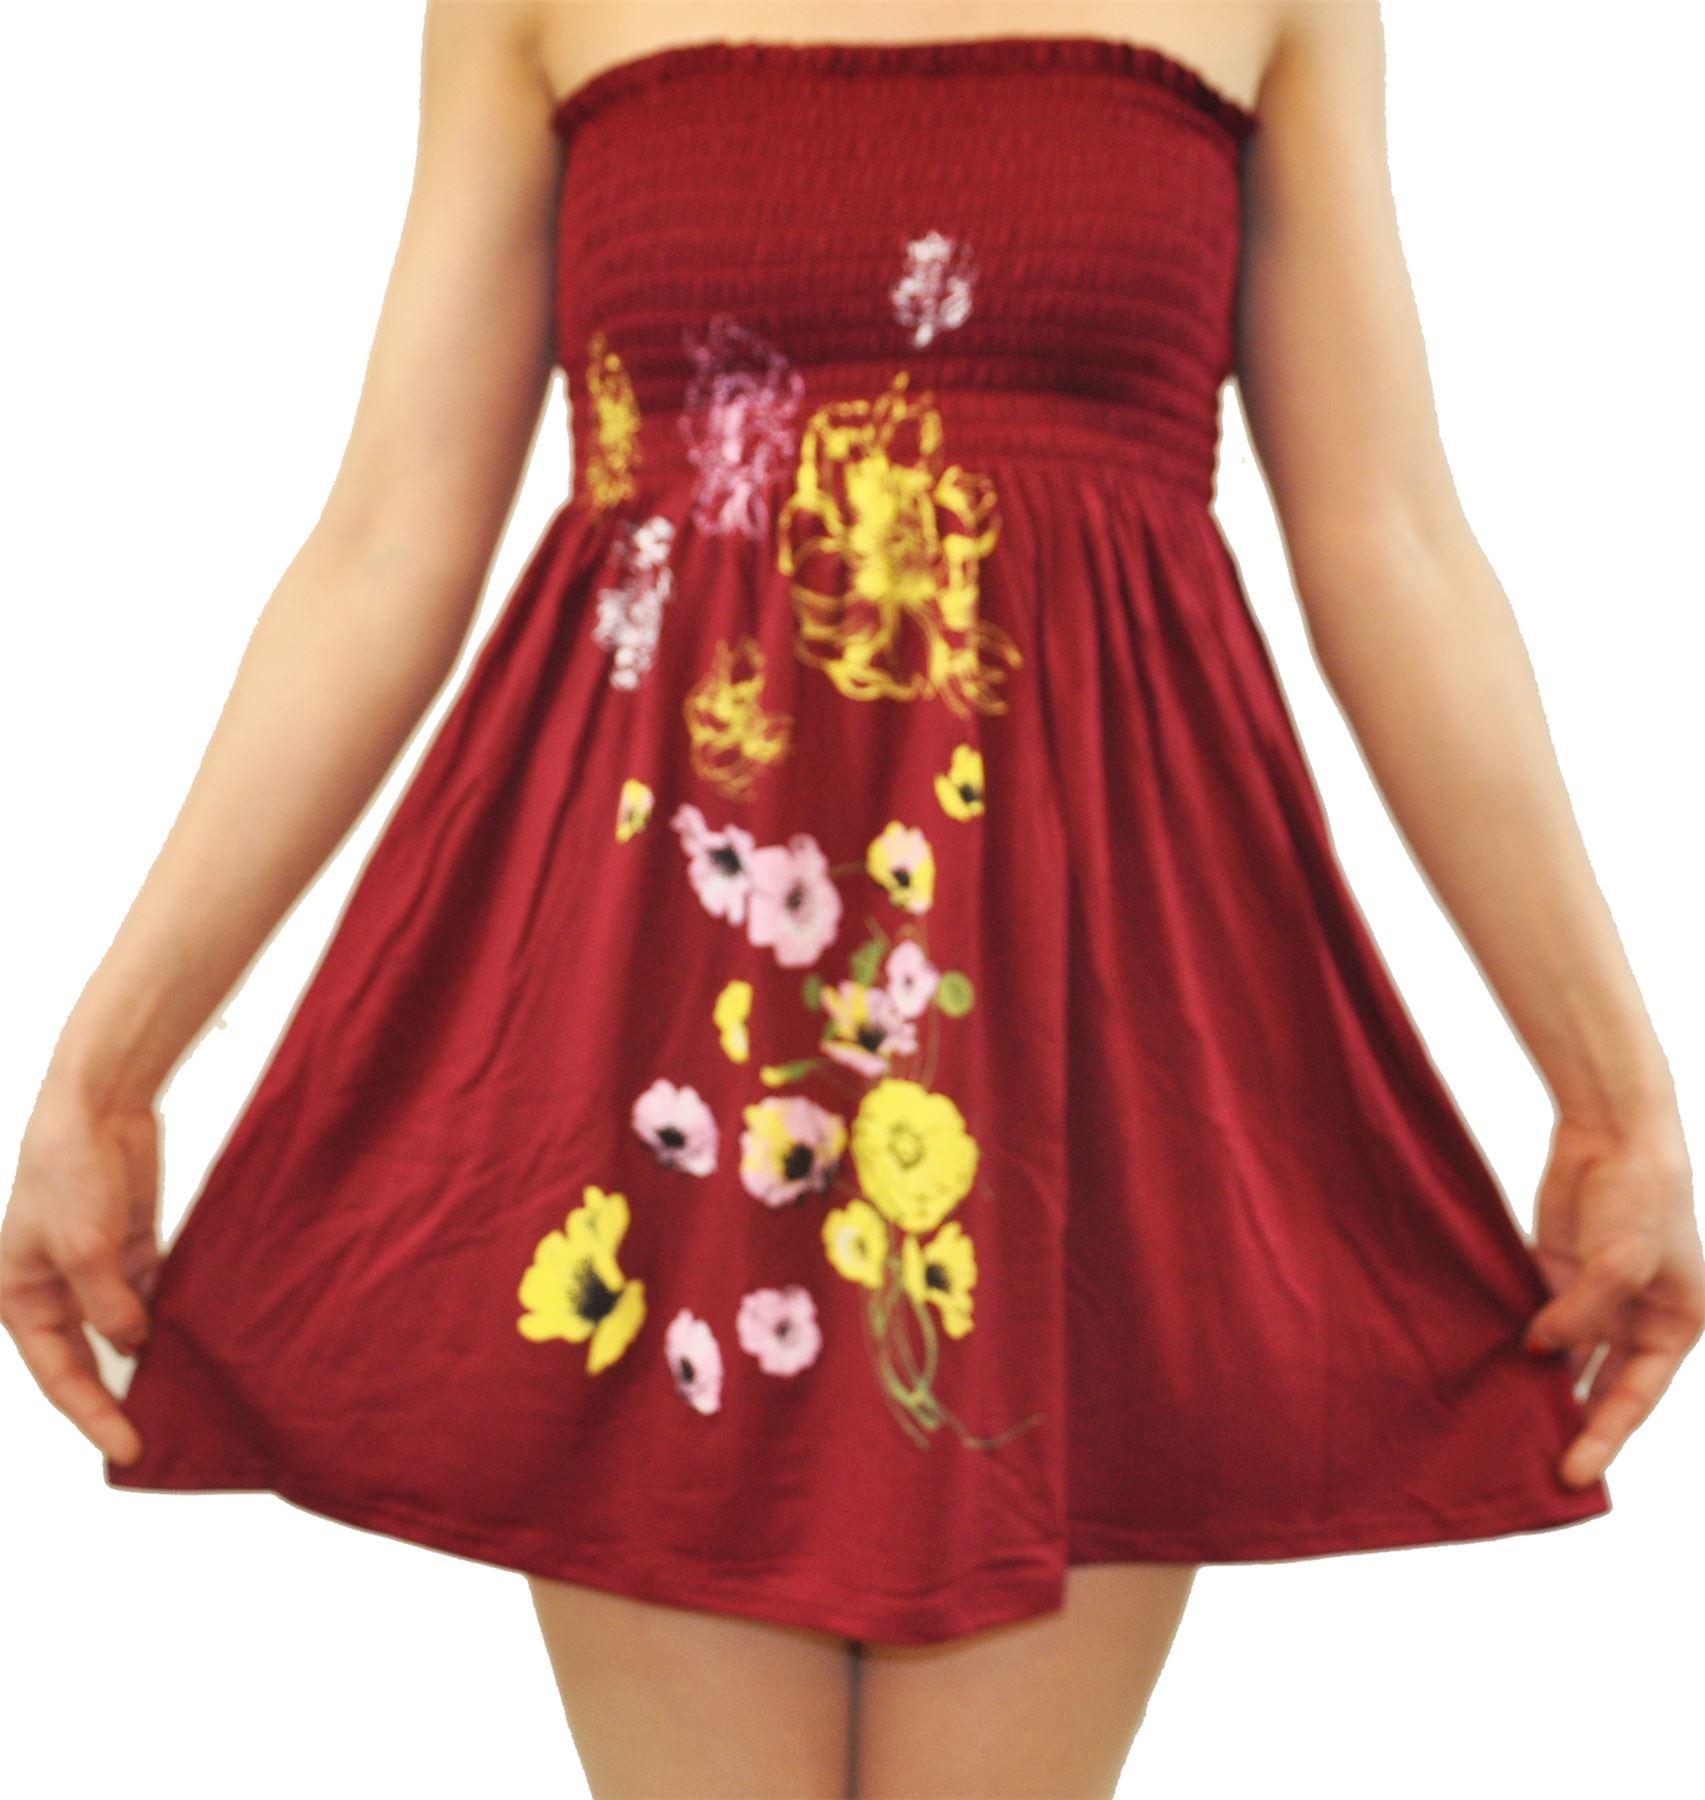 Dames-Plus-Taille-Vin-Feuilles-Papillon-Sheering-Sans-bretelles-Boob-Tube-Tops miniature 8